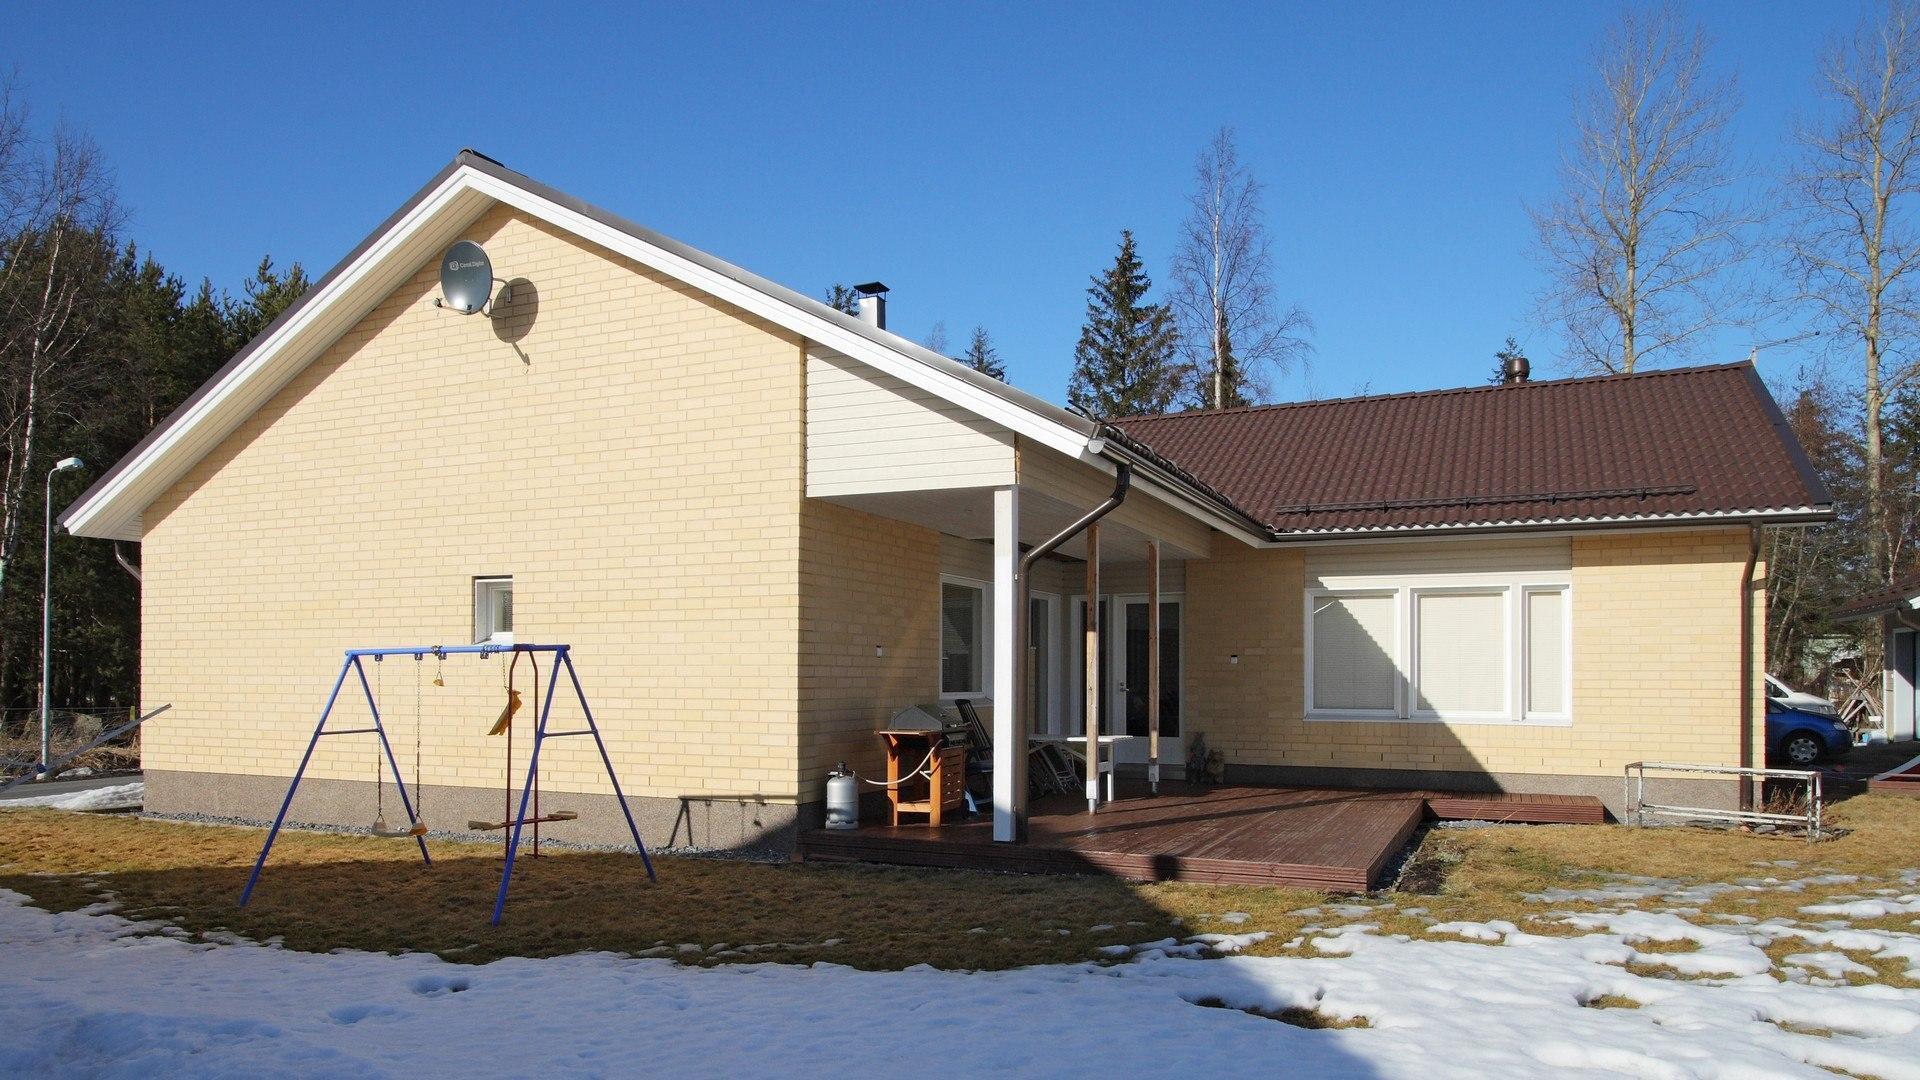 Kastelli Tuulikylä